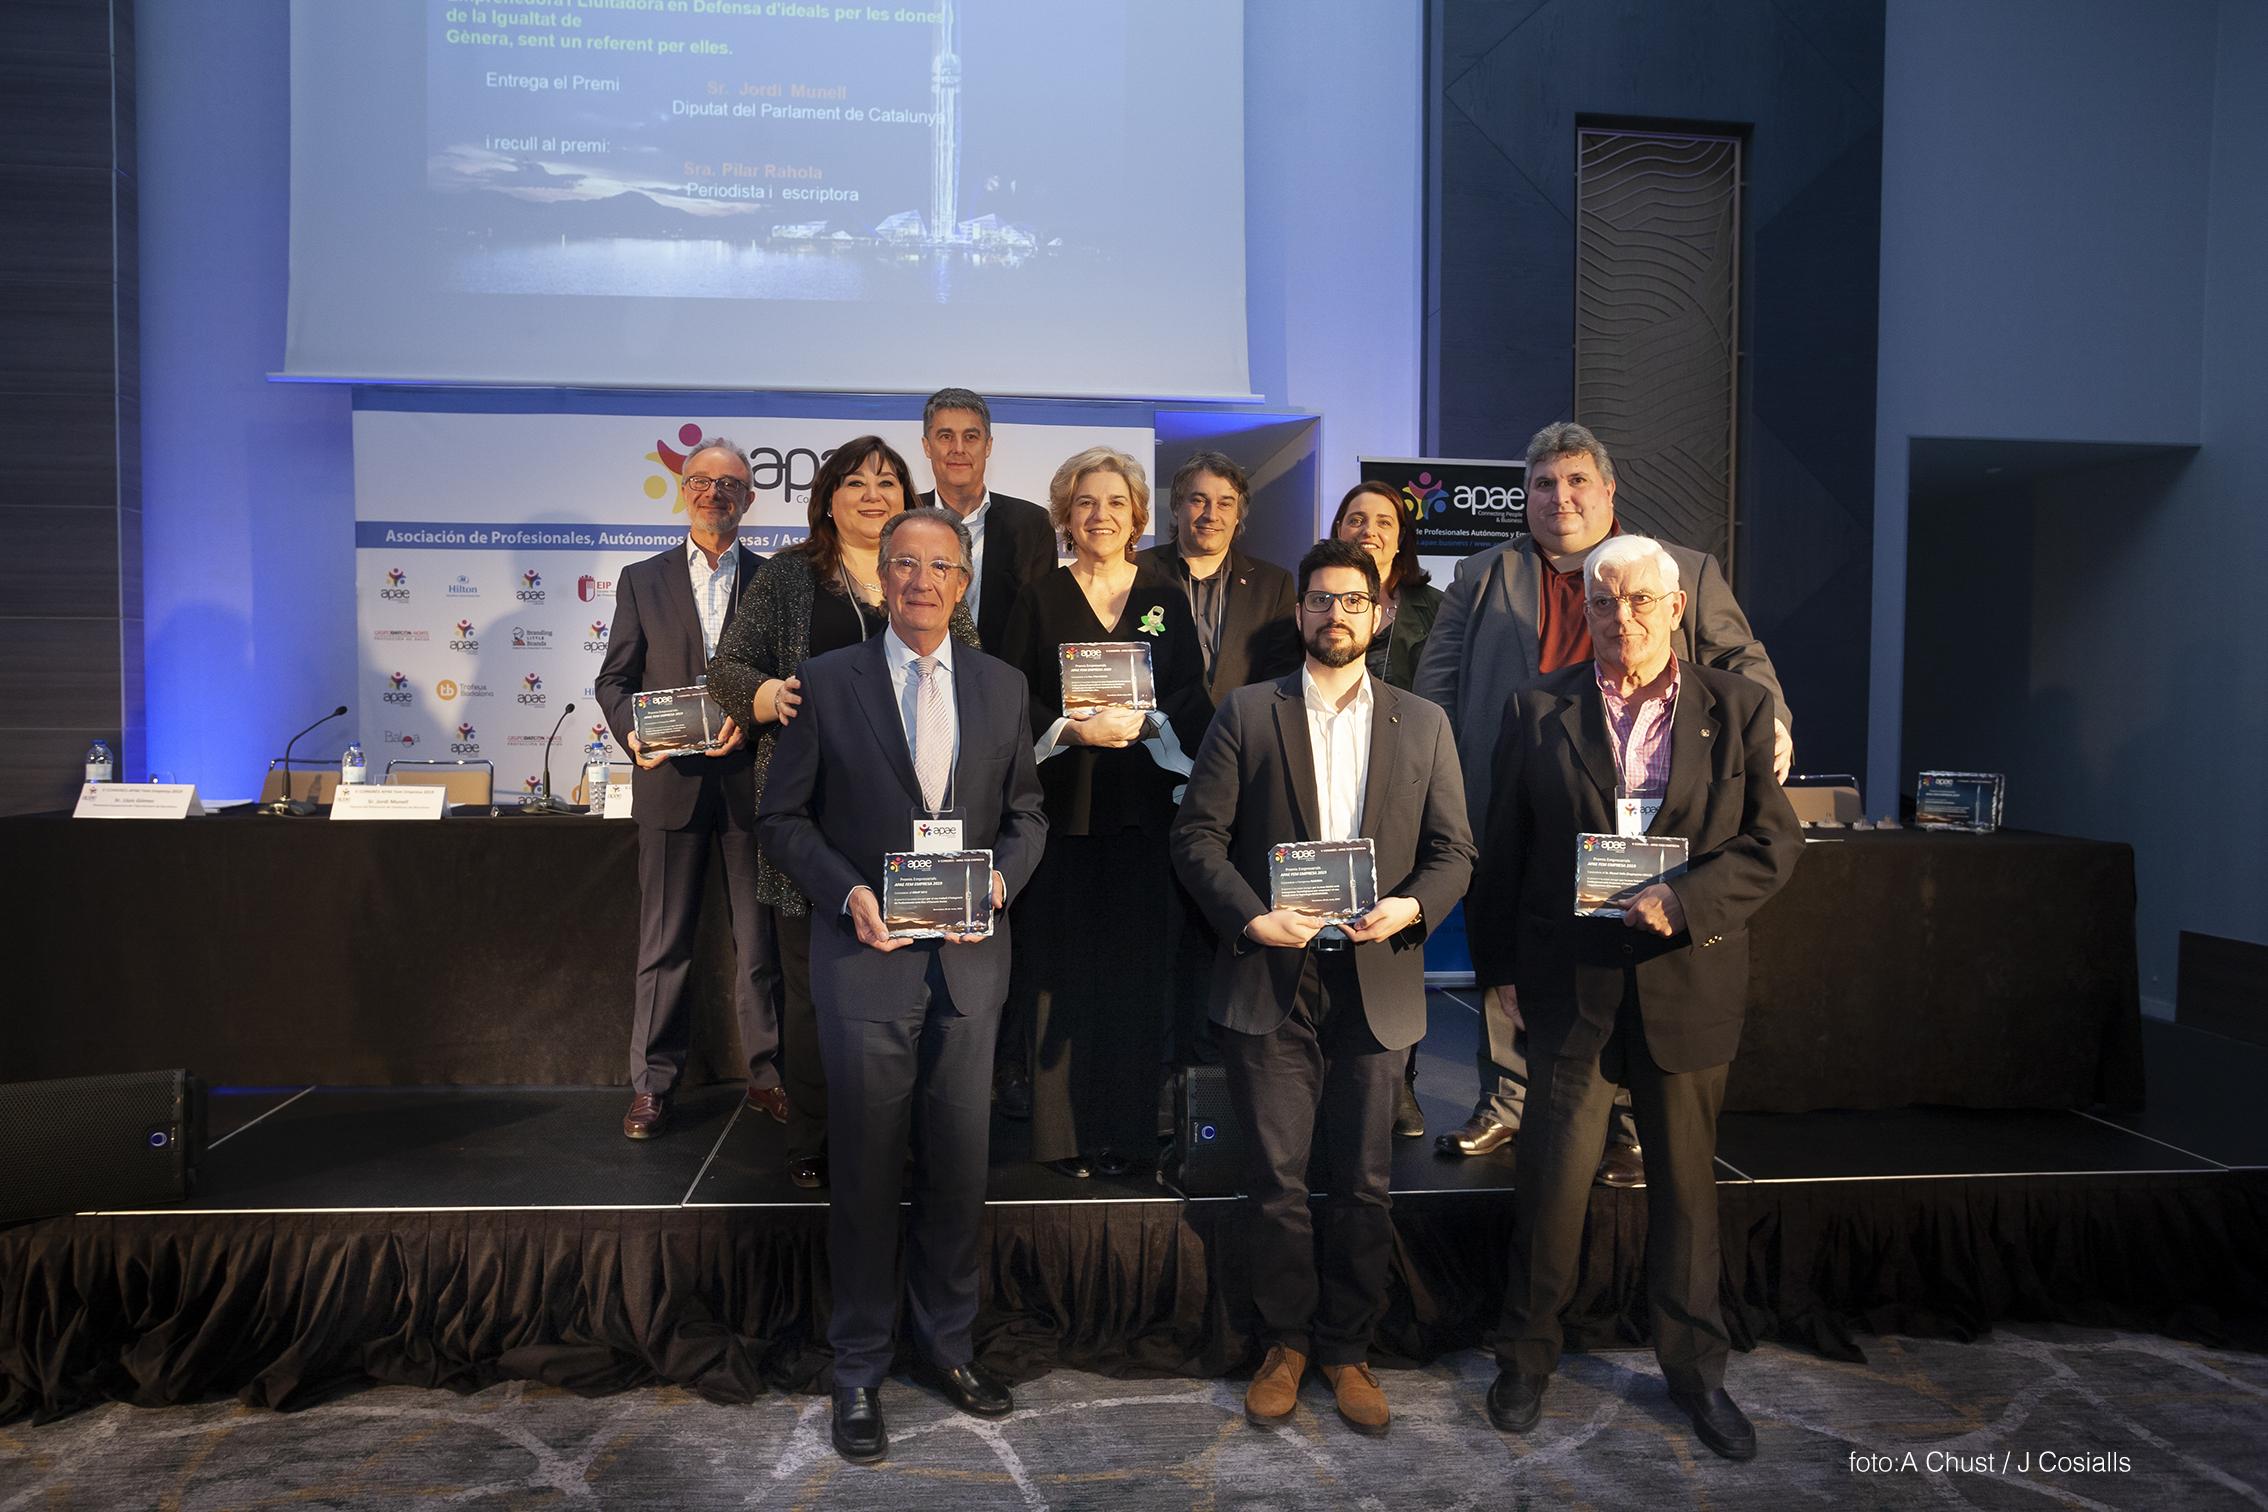 Nuestra capacidad de innovación reconocida por la Asociación de Profesionales Autónomos y Empresas